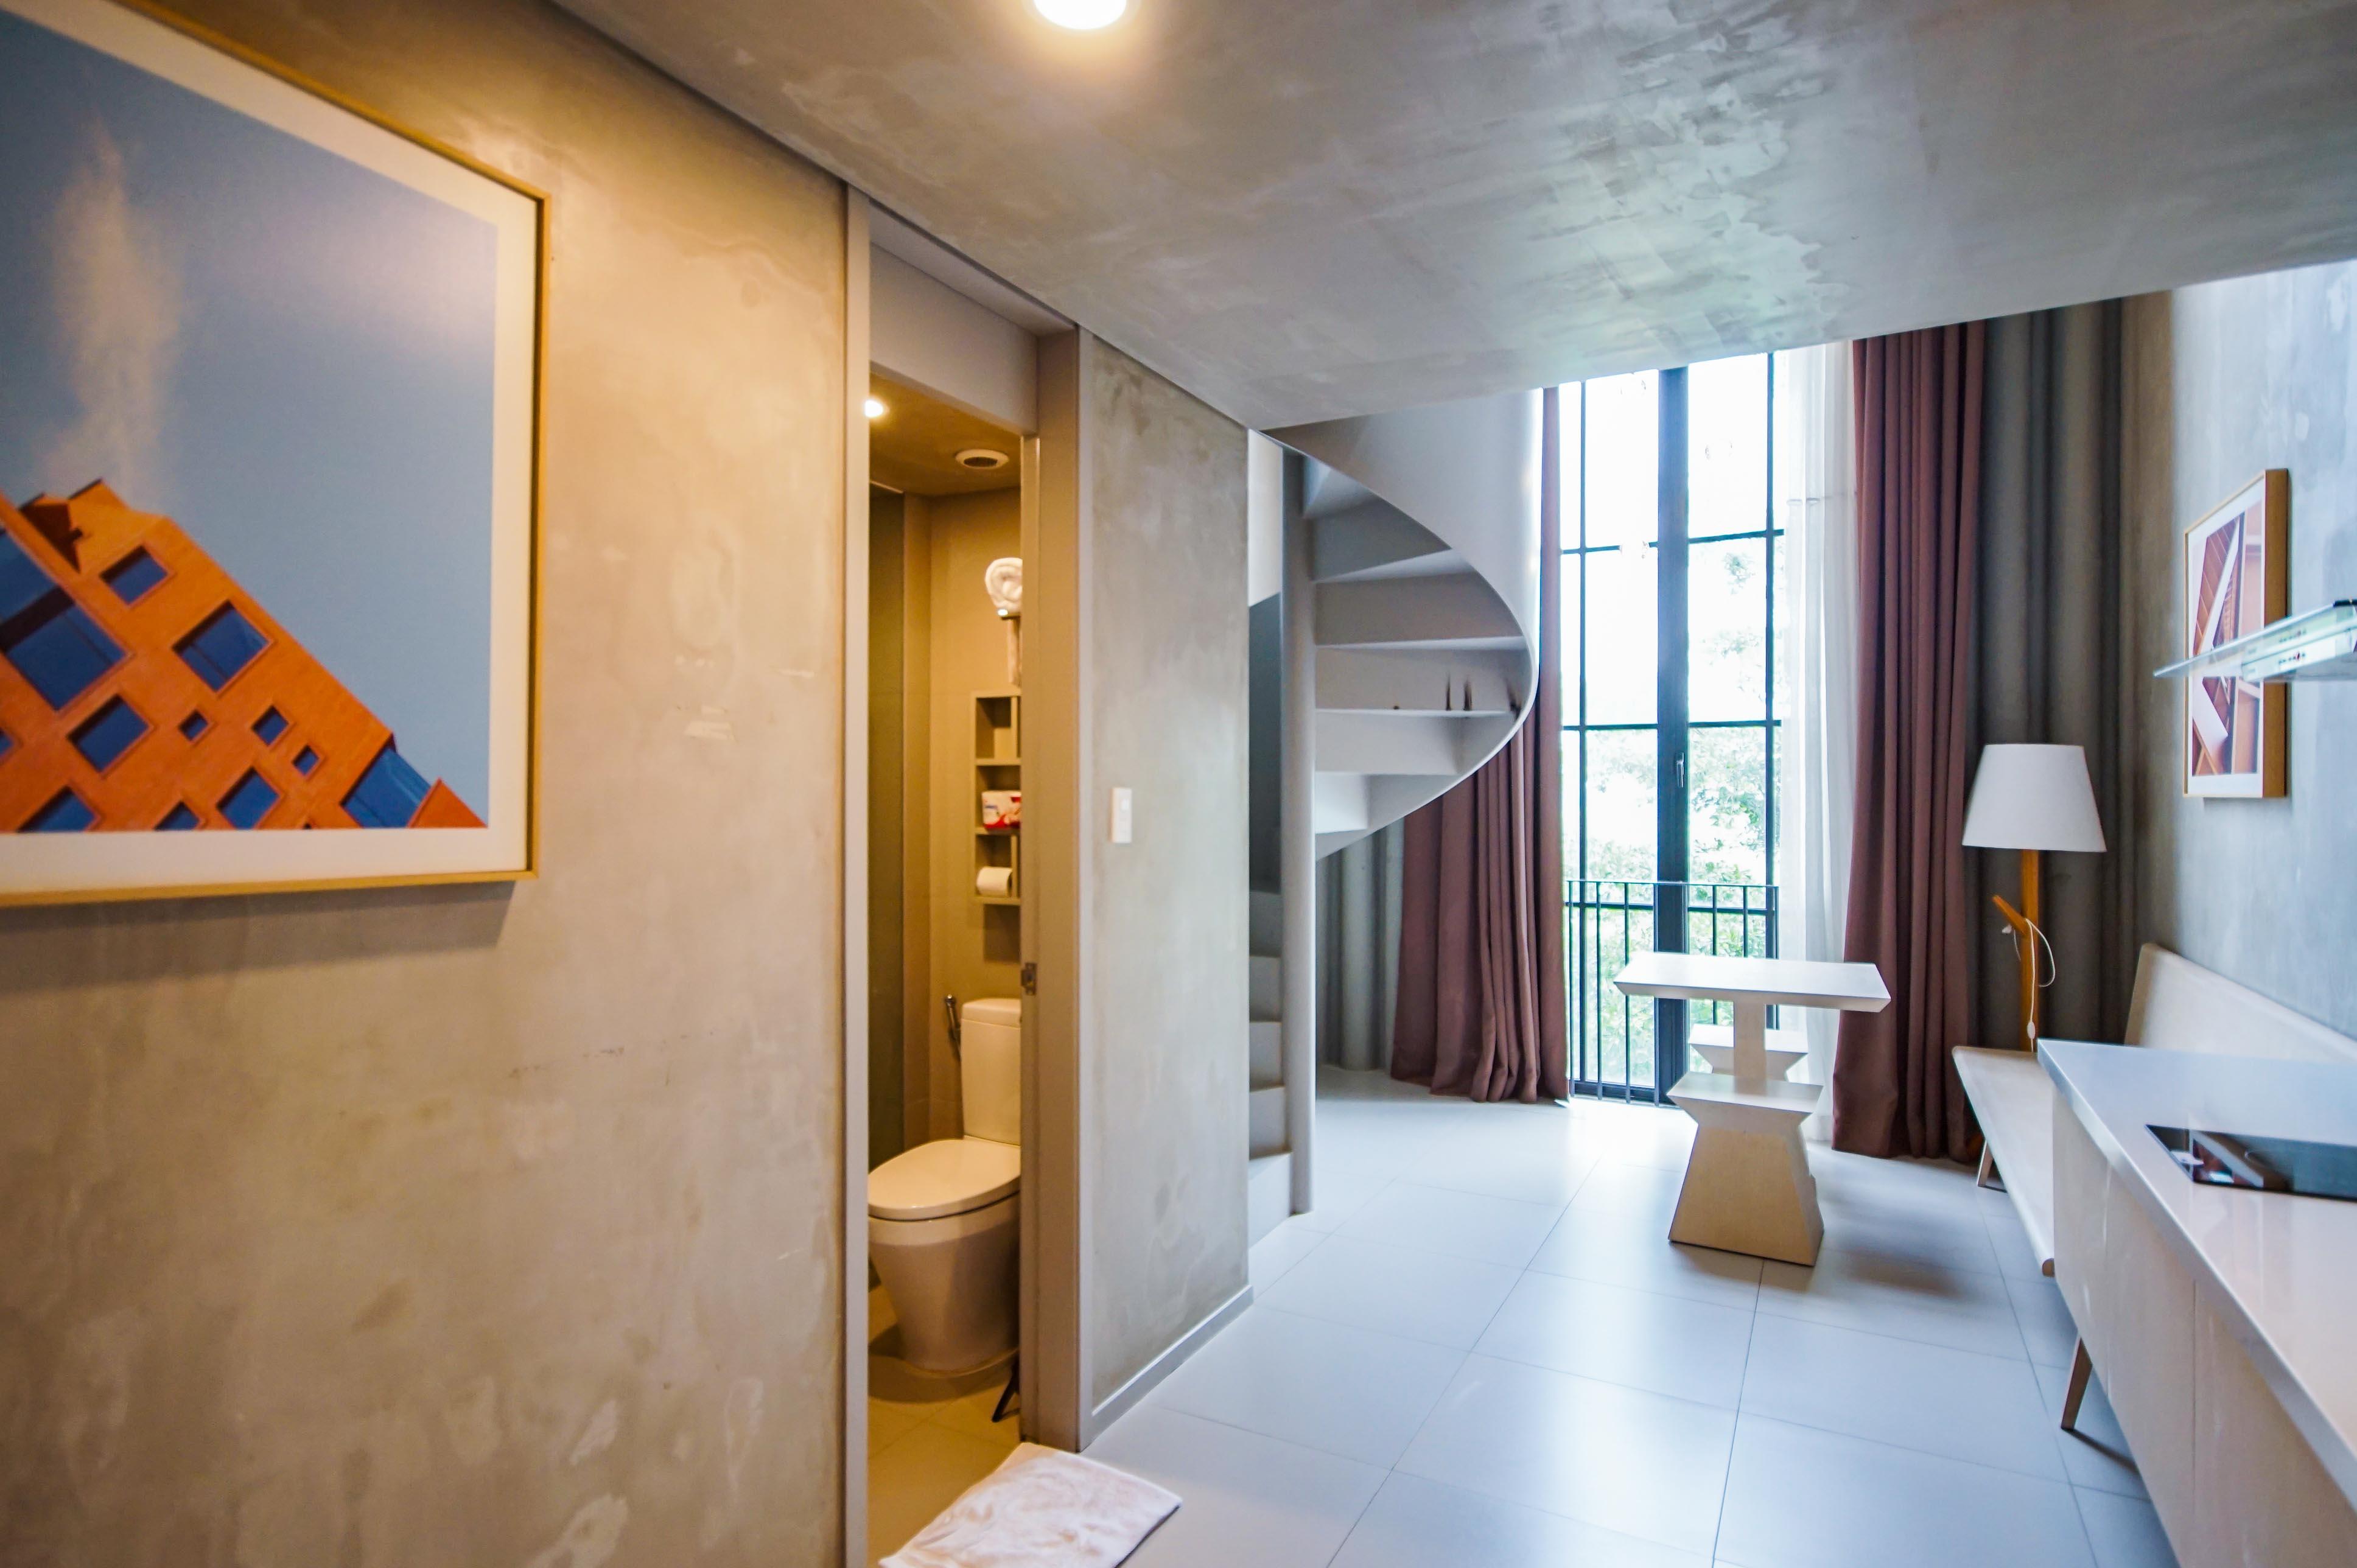 Cho Thuê Căn Hộ Dịch Vụ Duplex 1 PN - Đầy Đủ Nội Thất & Ấm Cúng -0